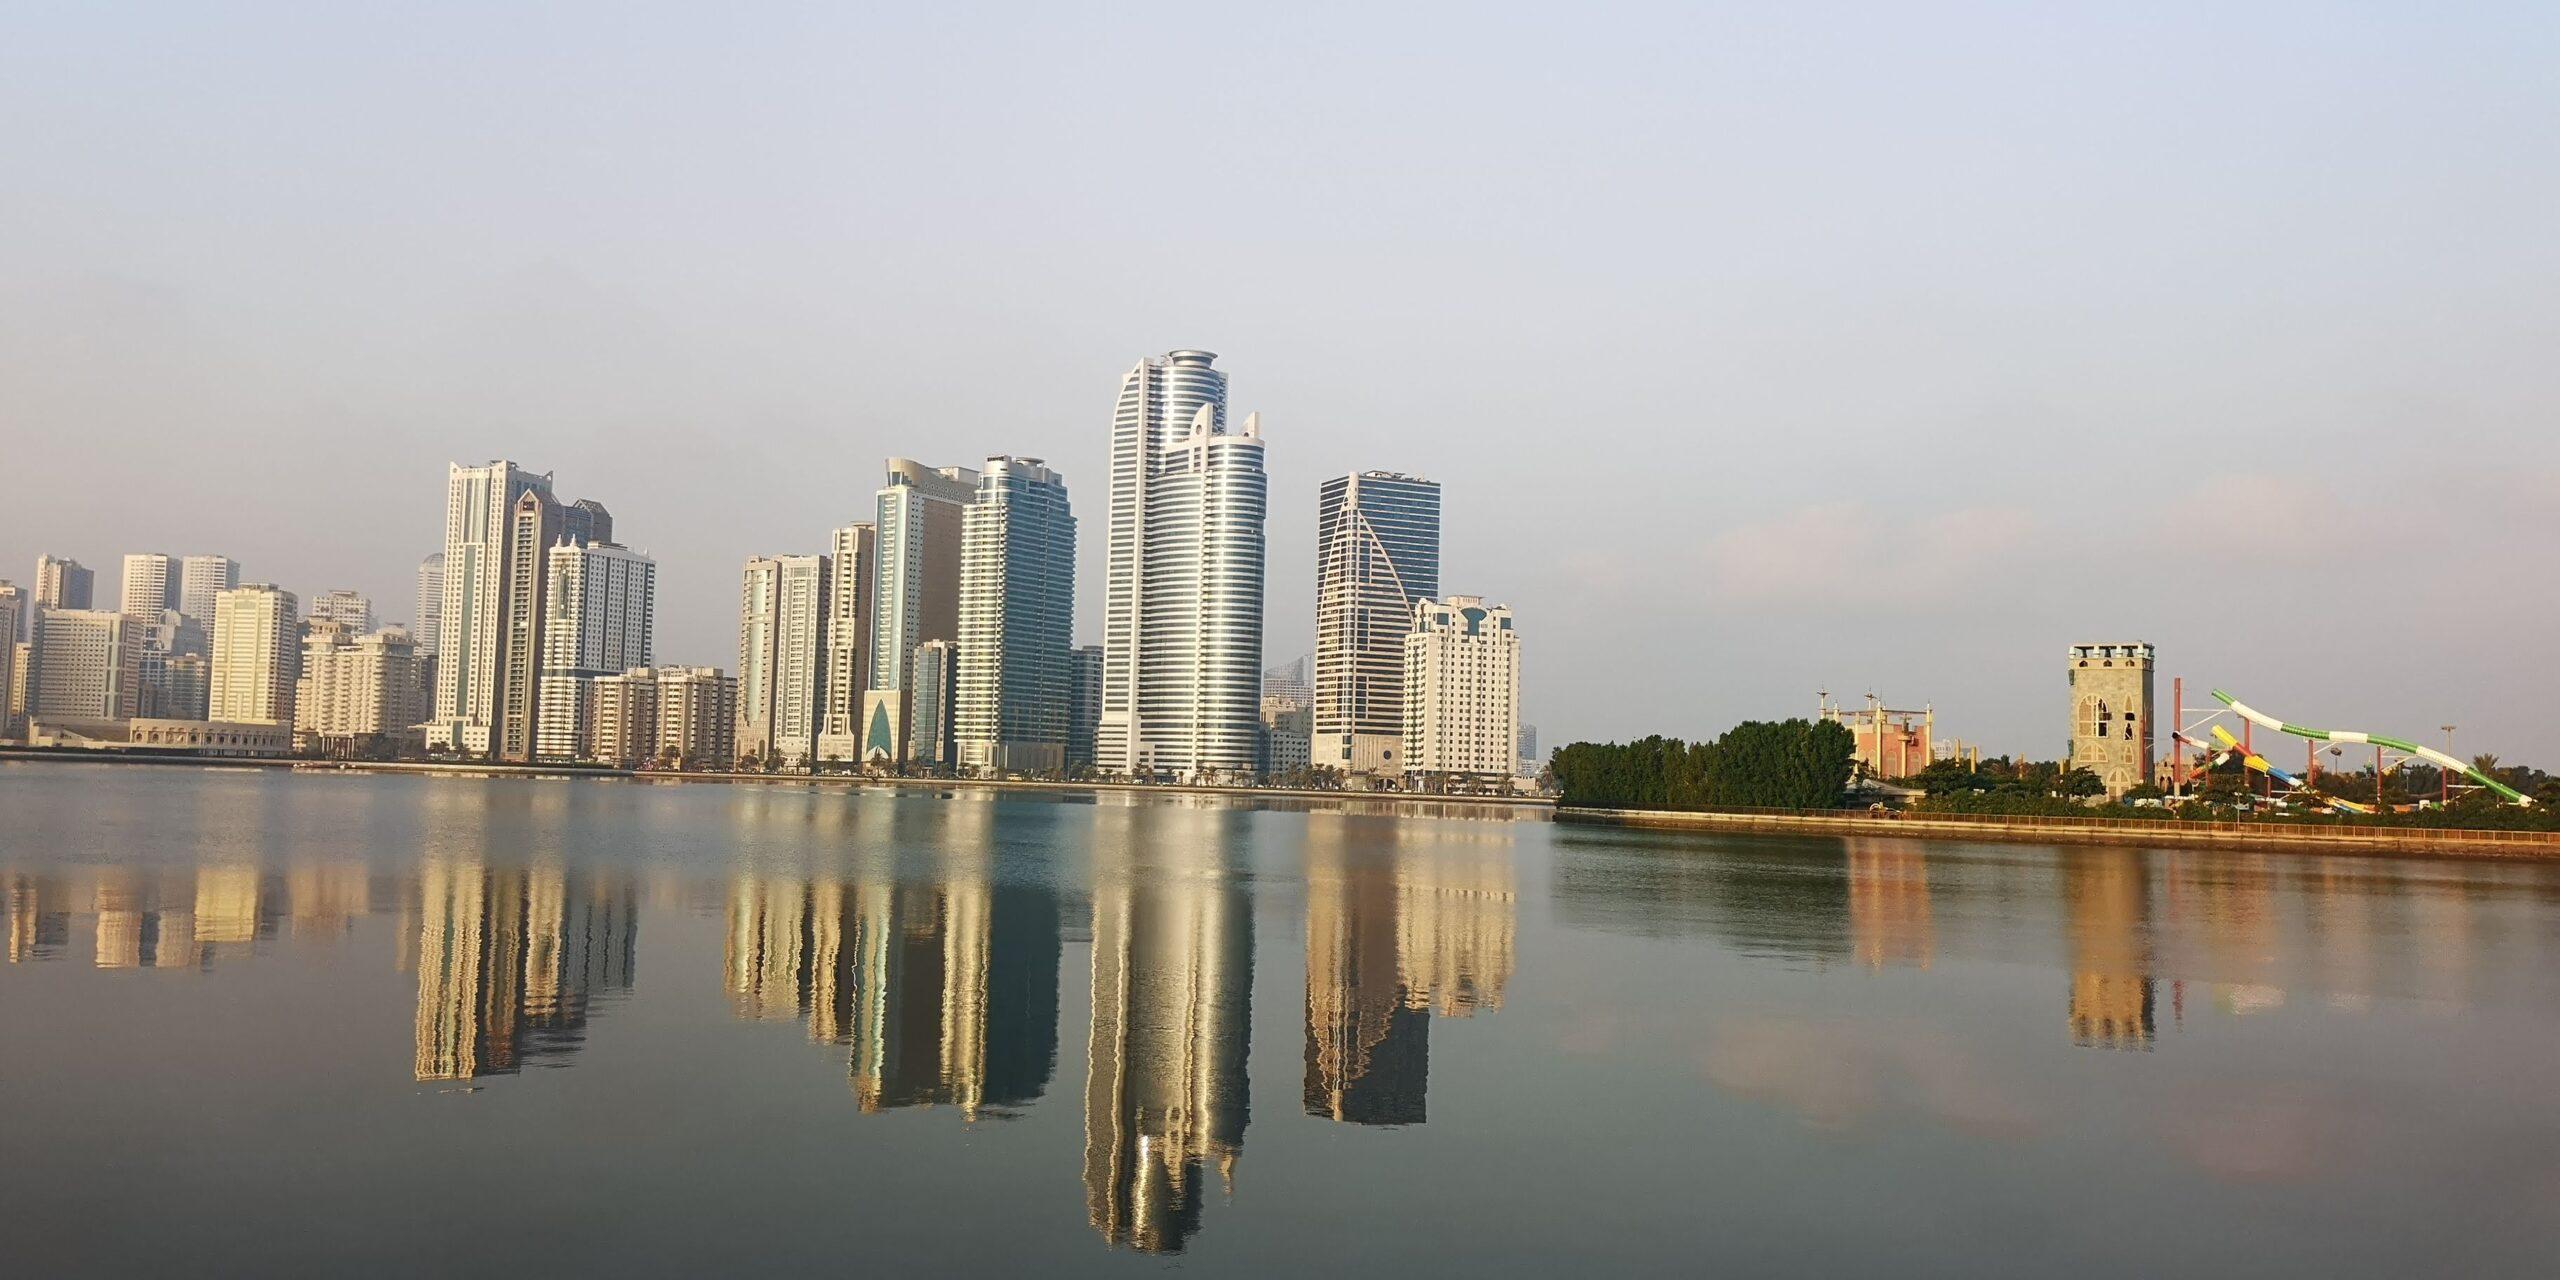 استمتع بجولة مصورة لتشاهد أجمل الأماكن السياحية في مدينة الشارقة، بما في ذلك أجمل الإطلالات على حدائق وبحيرات وكورنيش الشارقة حيث يستطيع سكان وزوار المدينة الاستمتاع بالمشي والتنزه ومشاهدة أروع المناظر في مدينة الشارقة الإماراتية.